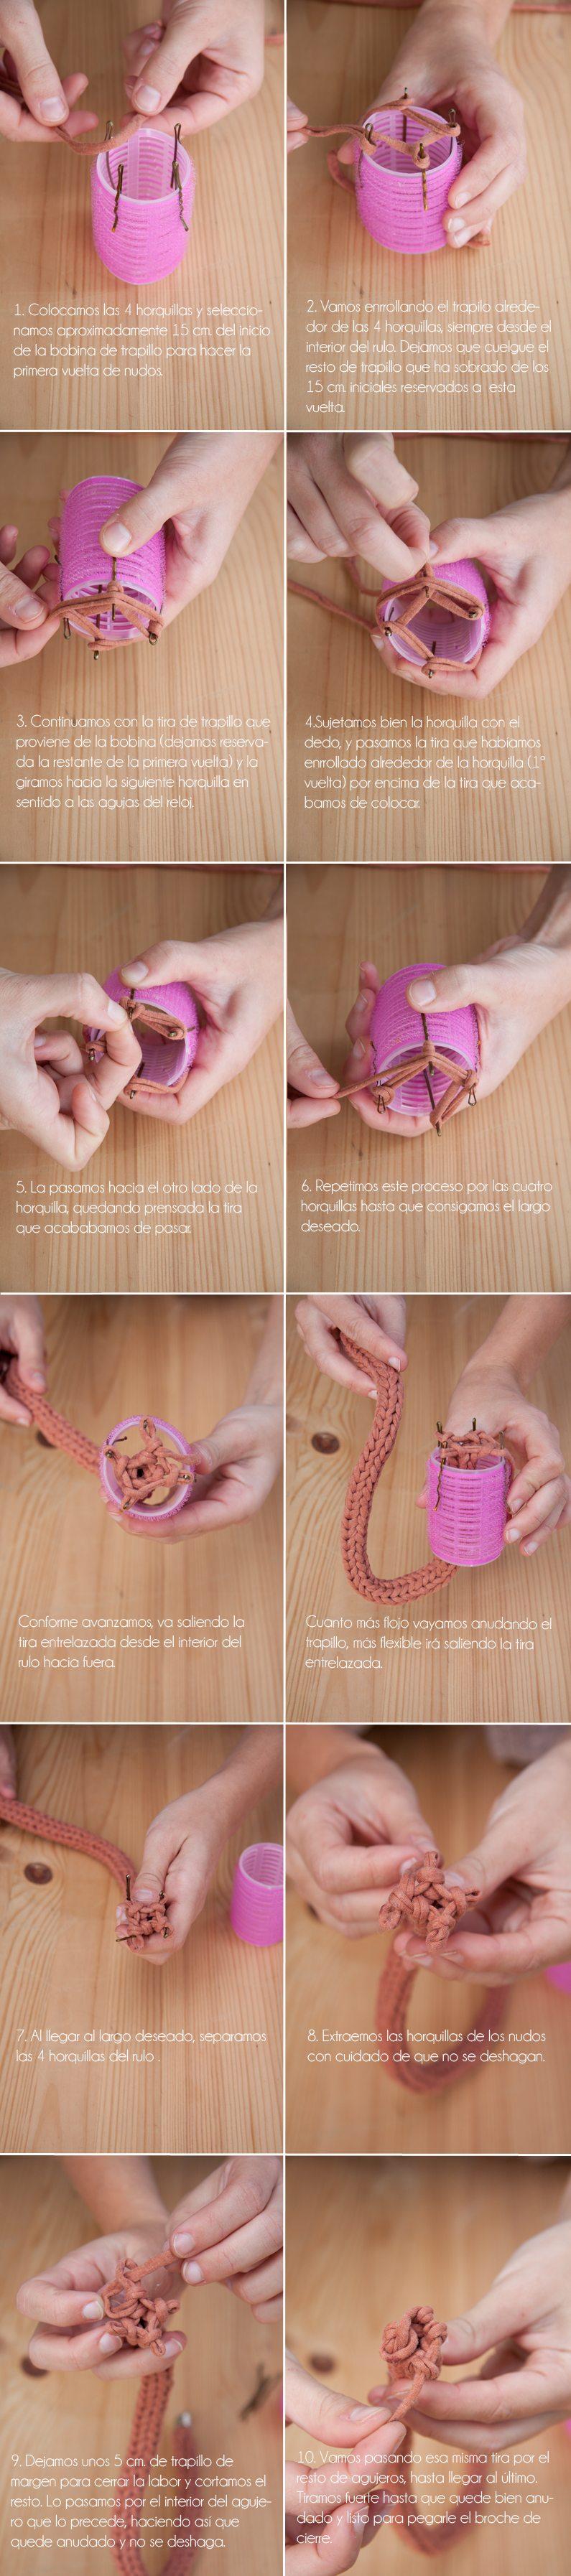 как сплести ожерелье